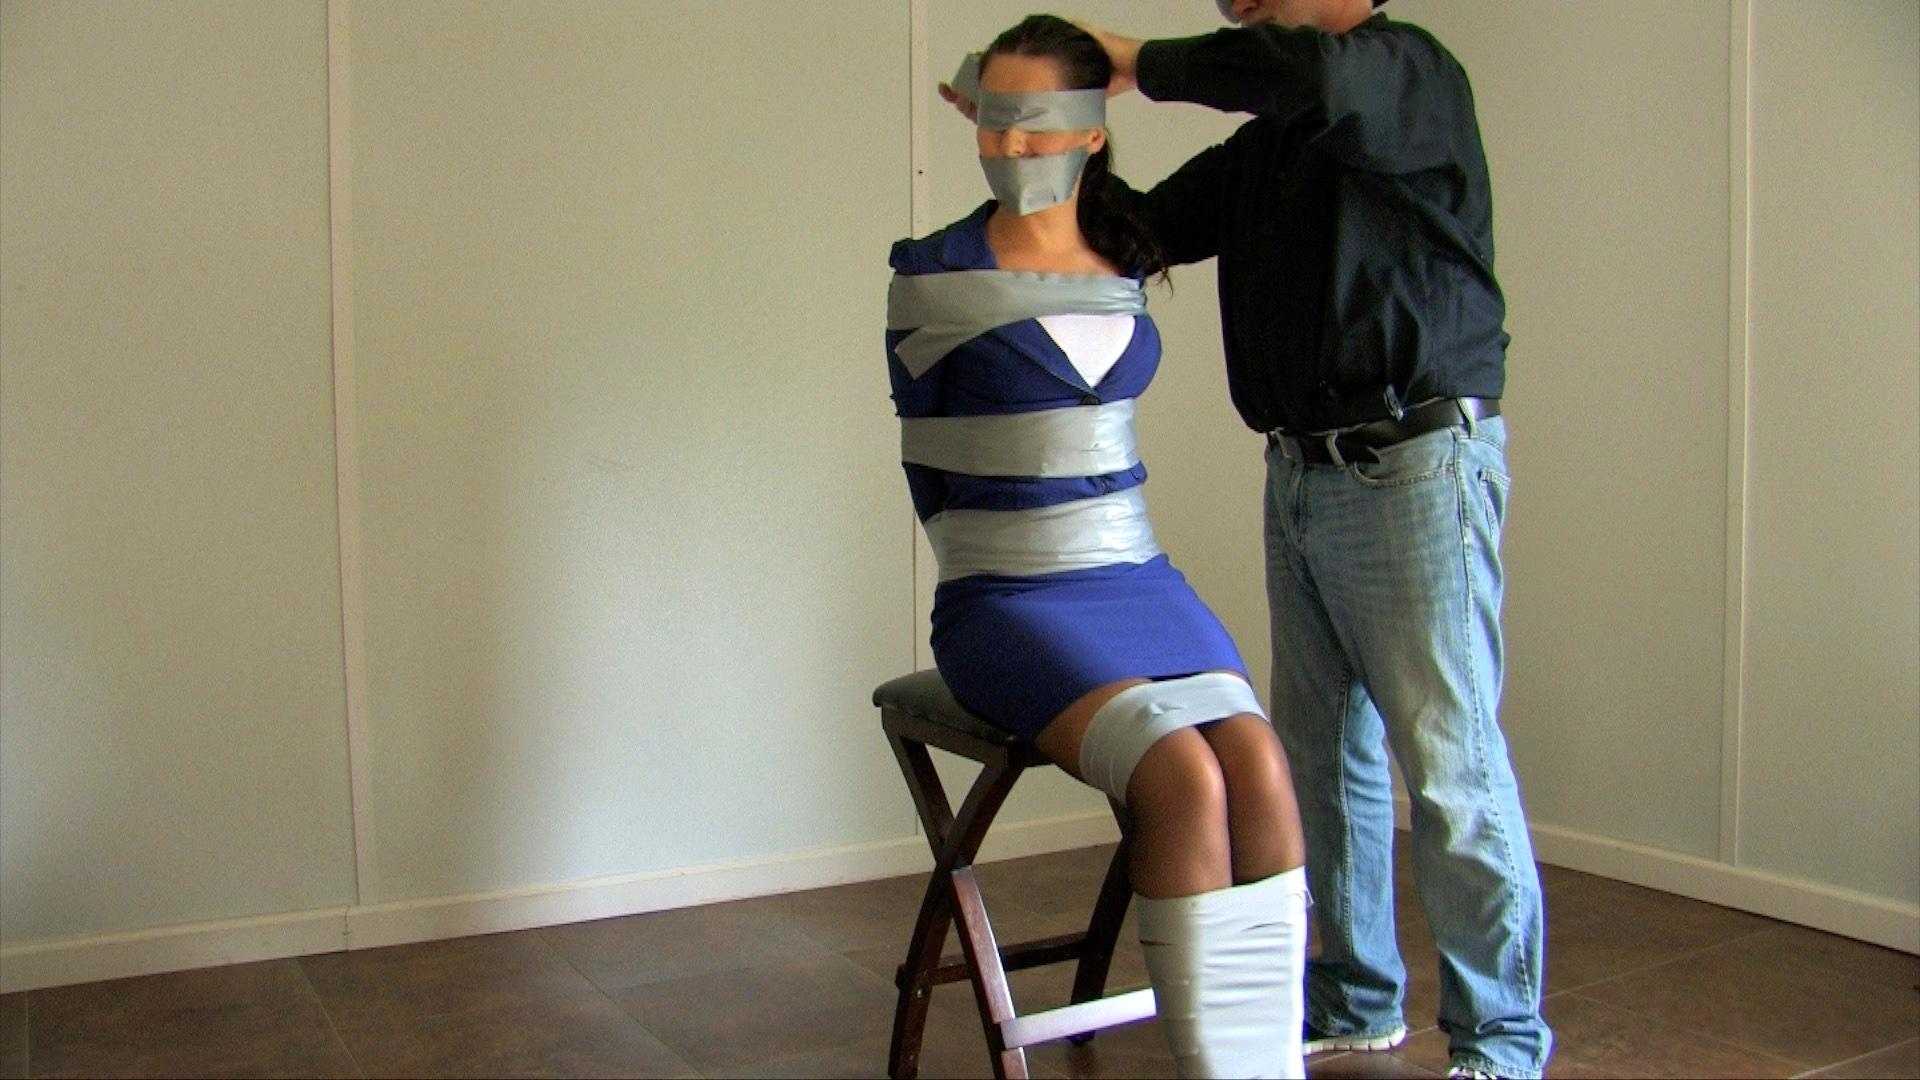 Bondage restrained elegance tillie model